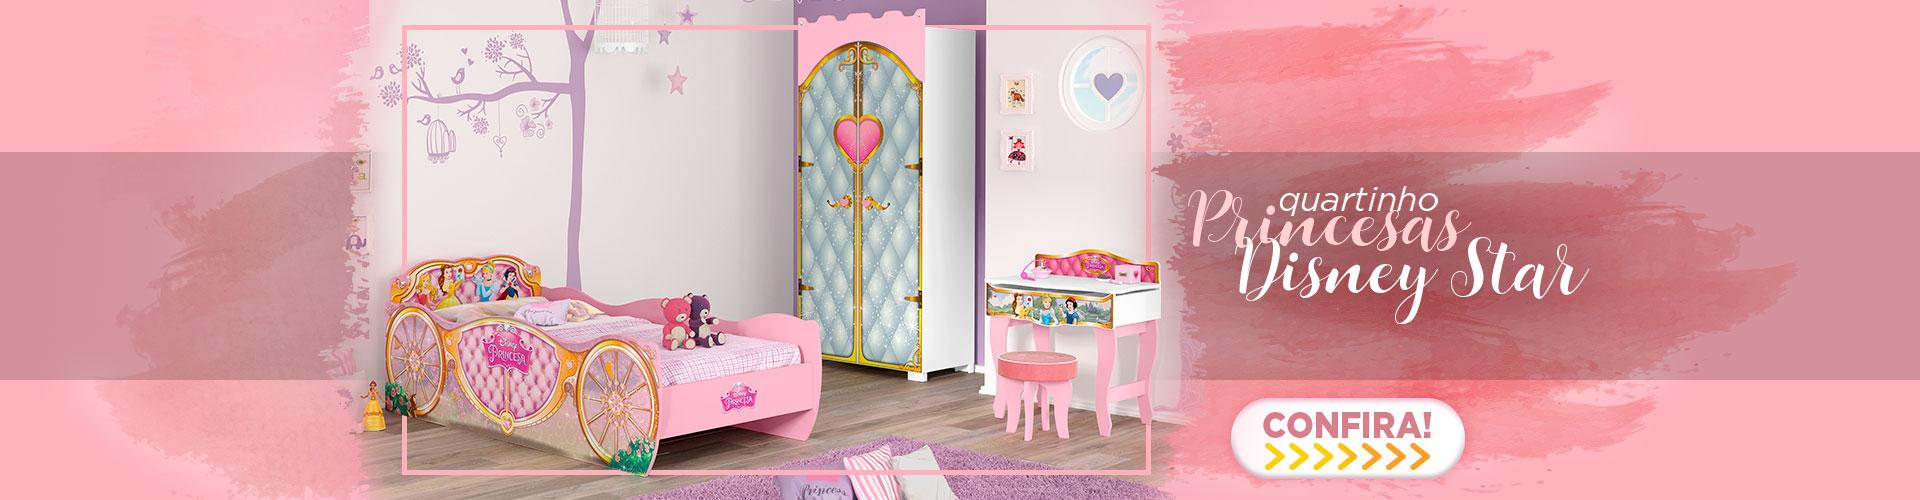 Princesas_Disney_Star